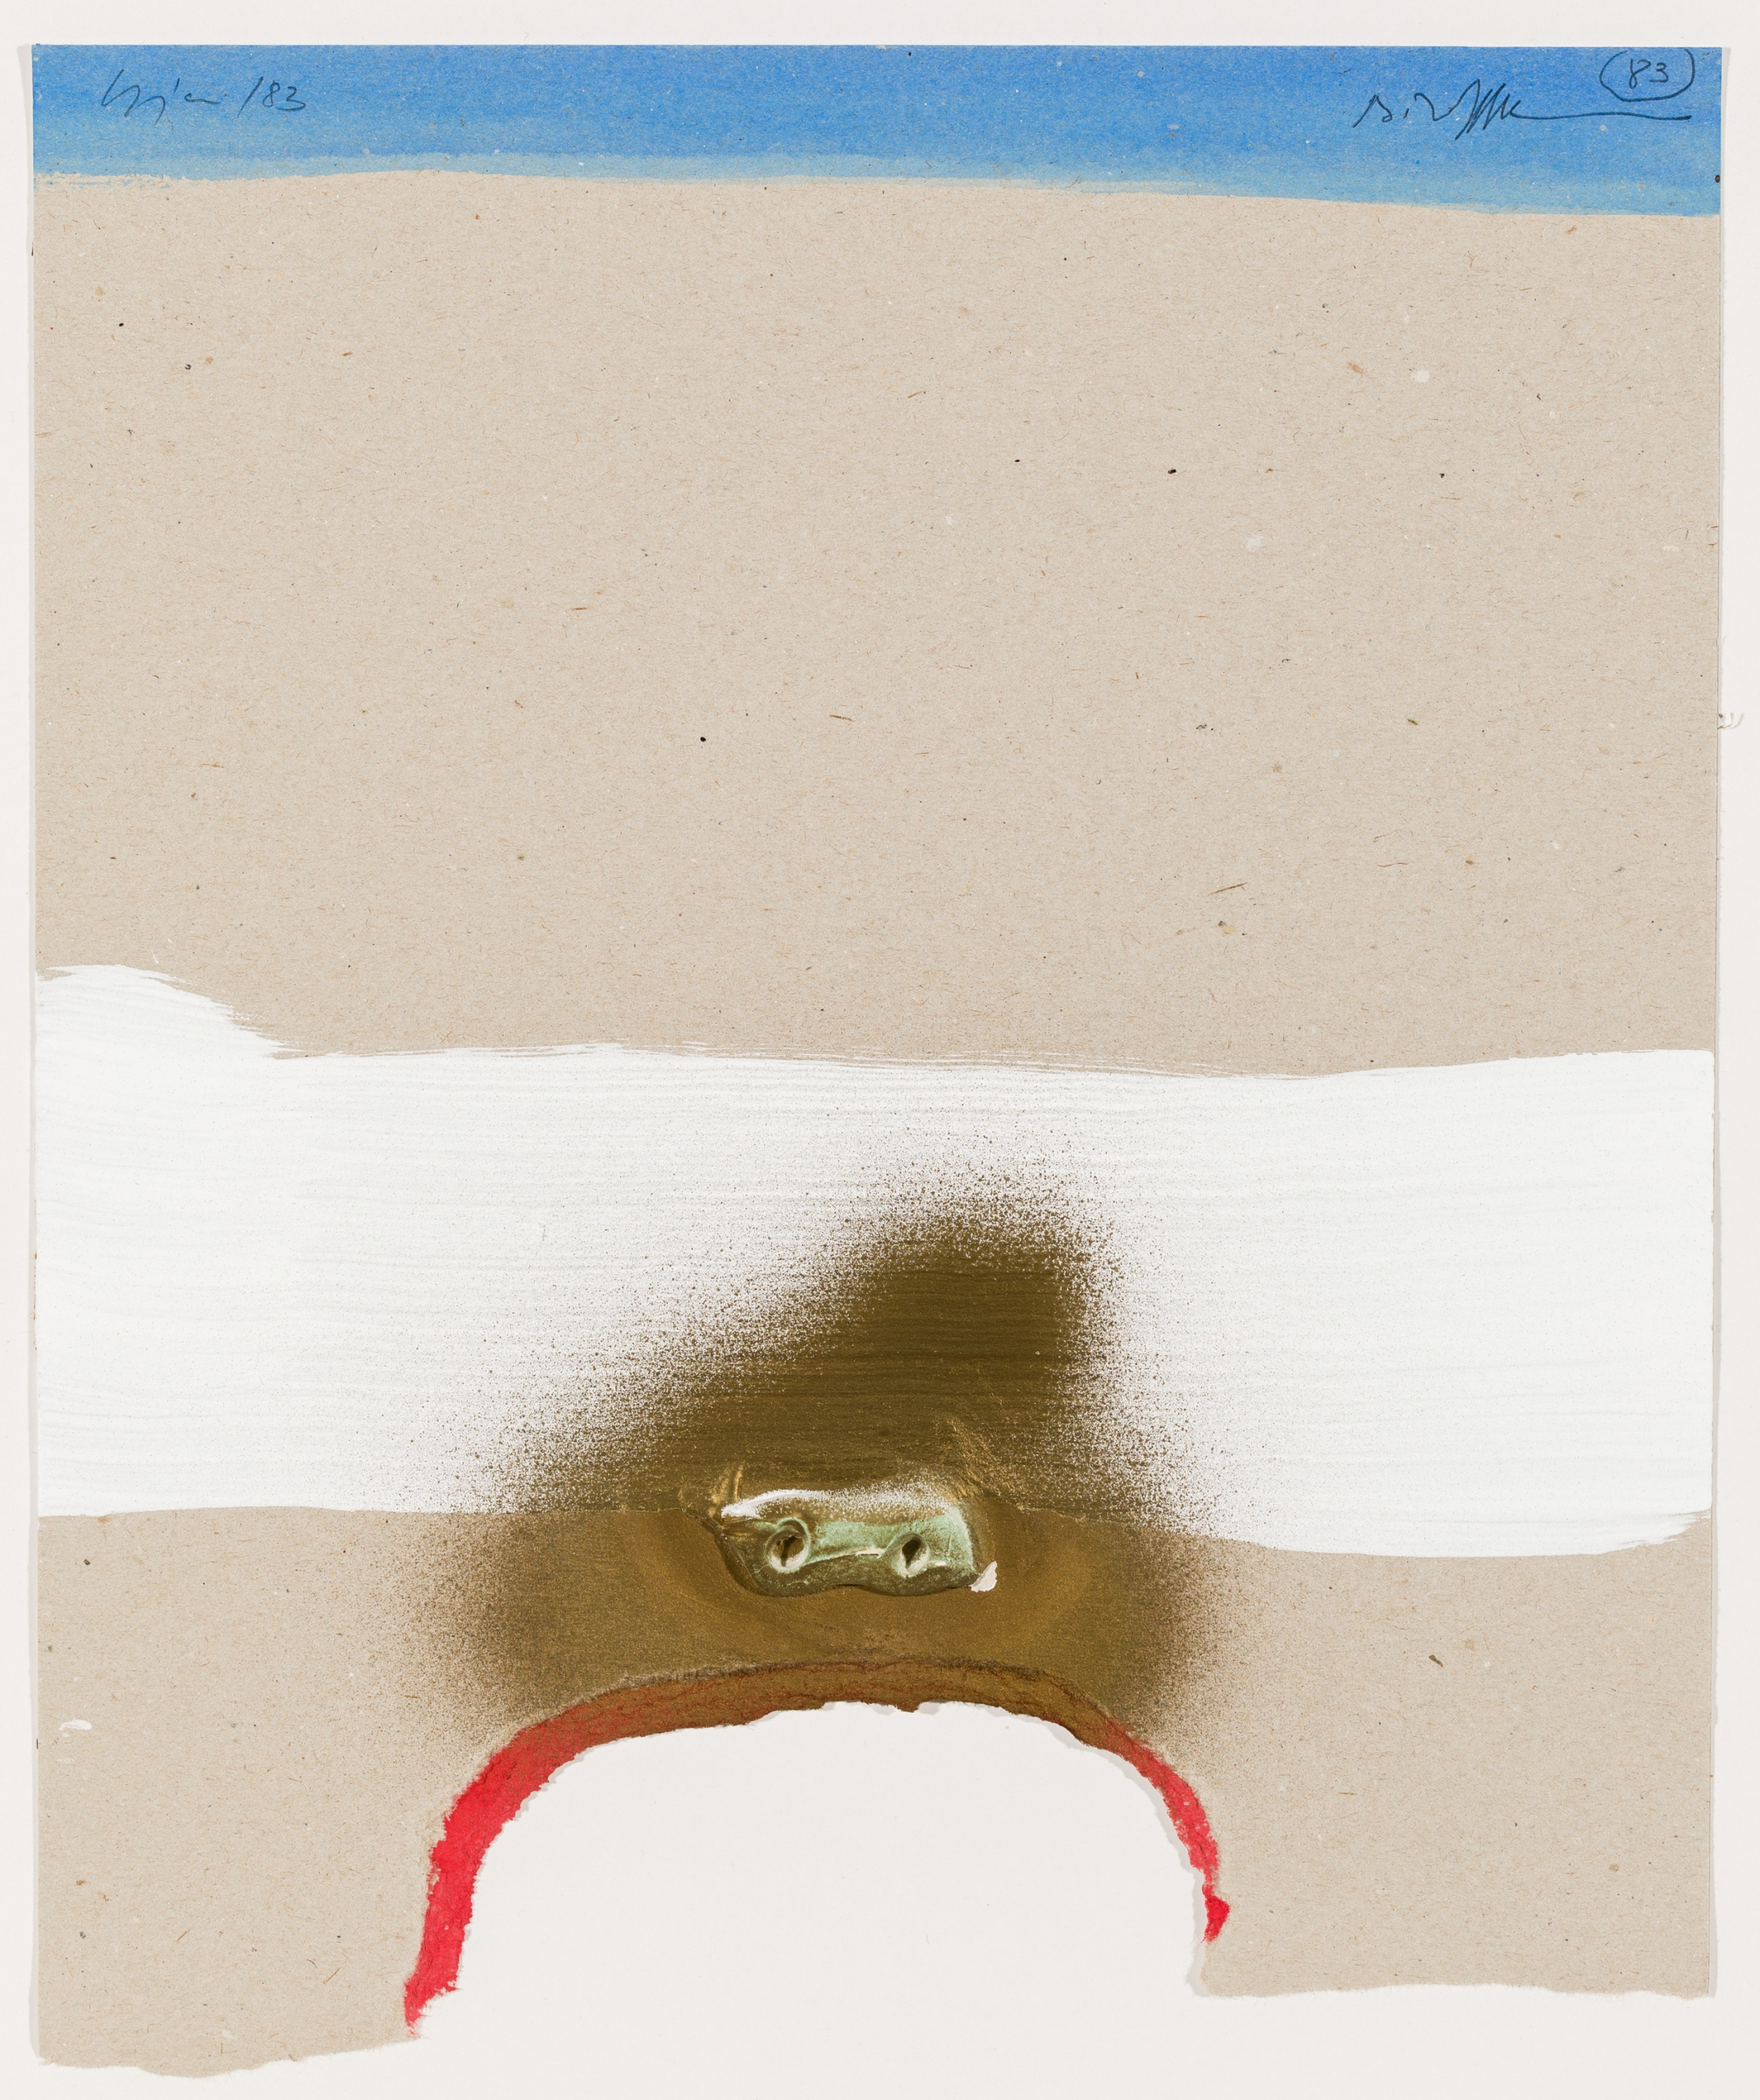 Hans Bischoffshausen und Gerhard Lojen, Ohne Titel / untitled